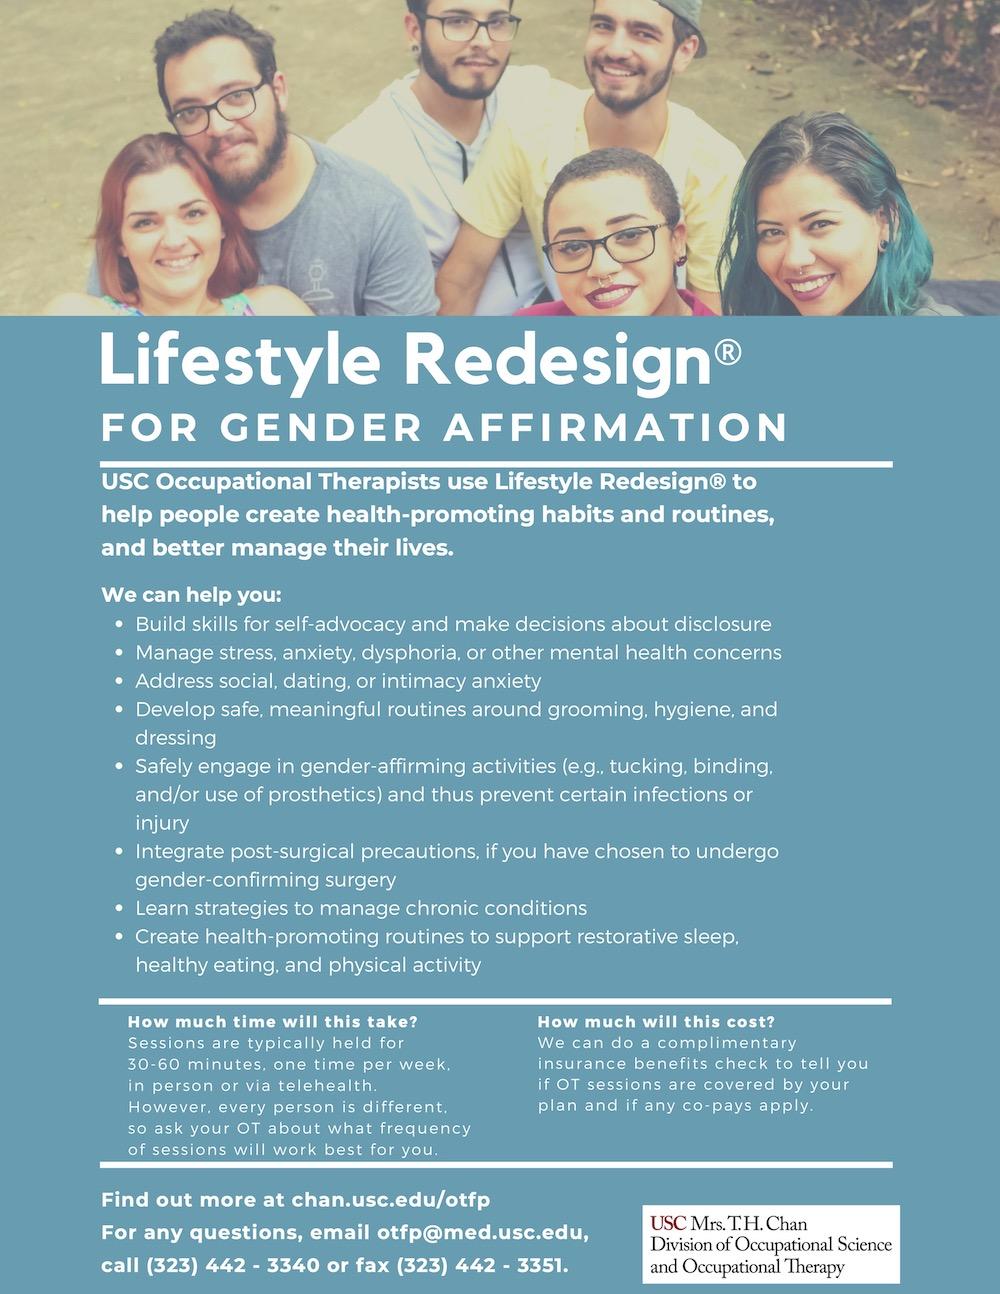 Lifestyle Redesign for Gender Affirmation